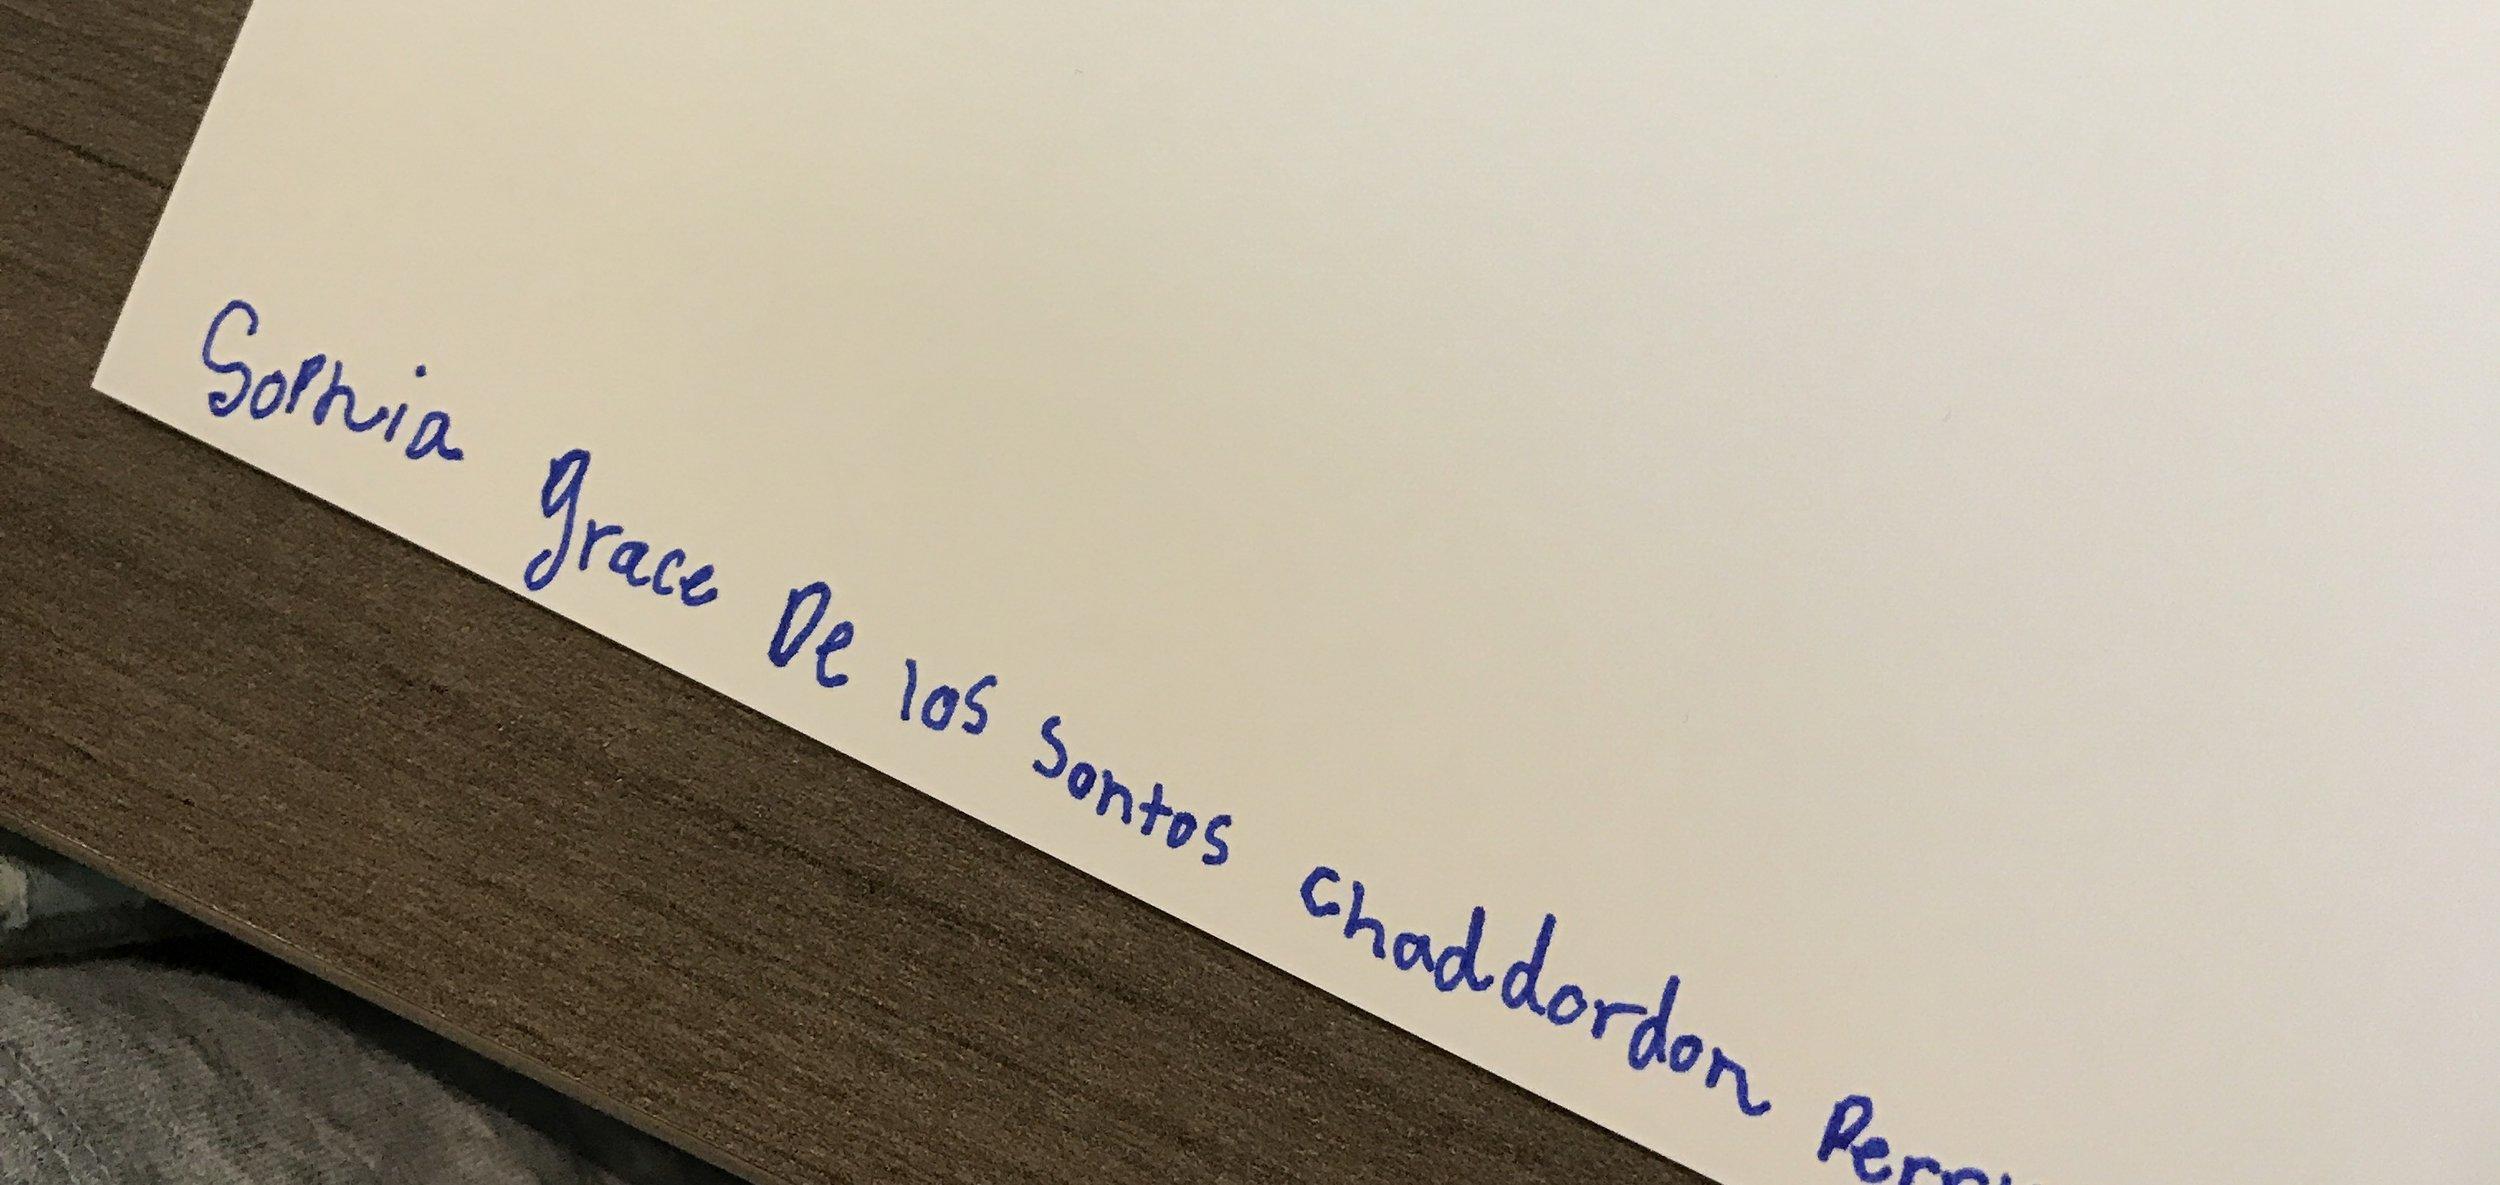 """""""Sophia Grace de los Santos   Chadderdon   Perry"""""""